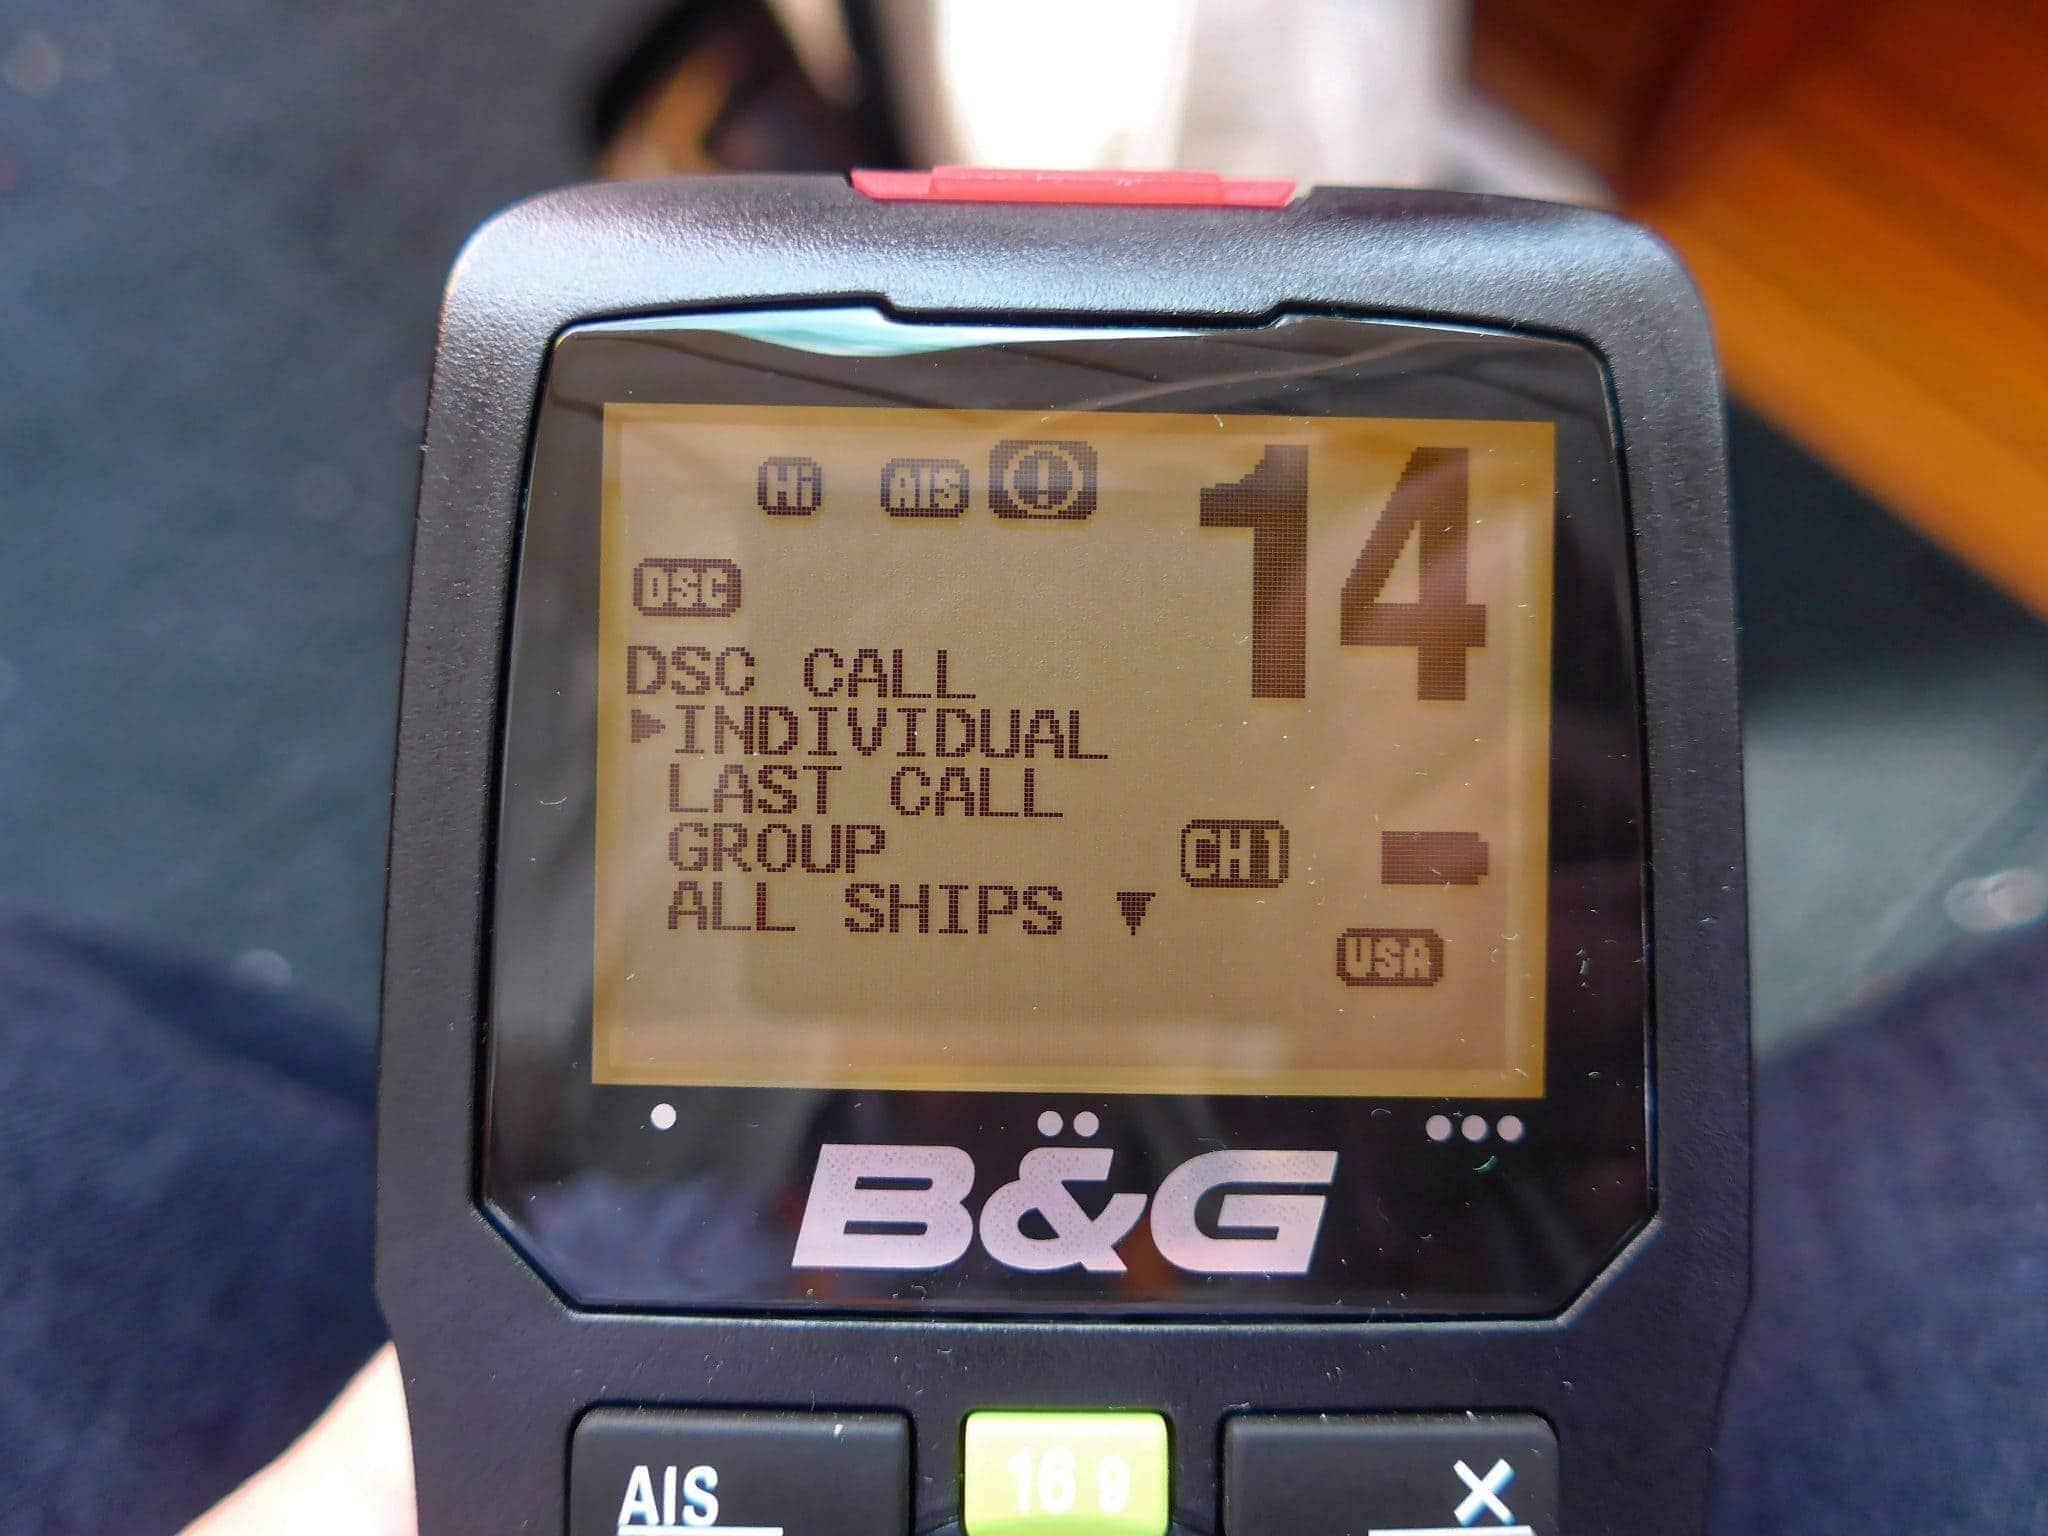 B&G H50 wireless VHF handset menus